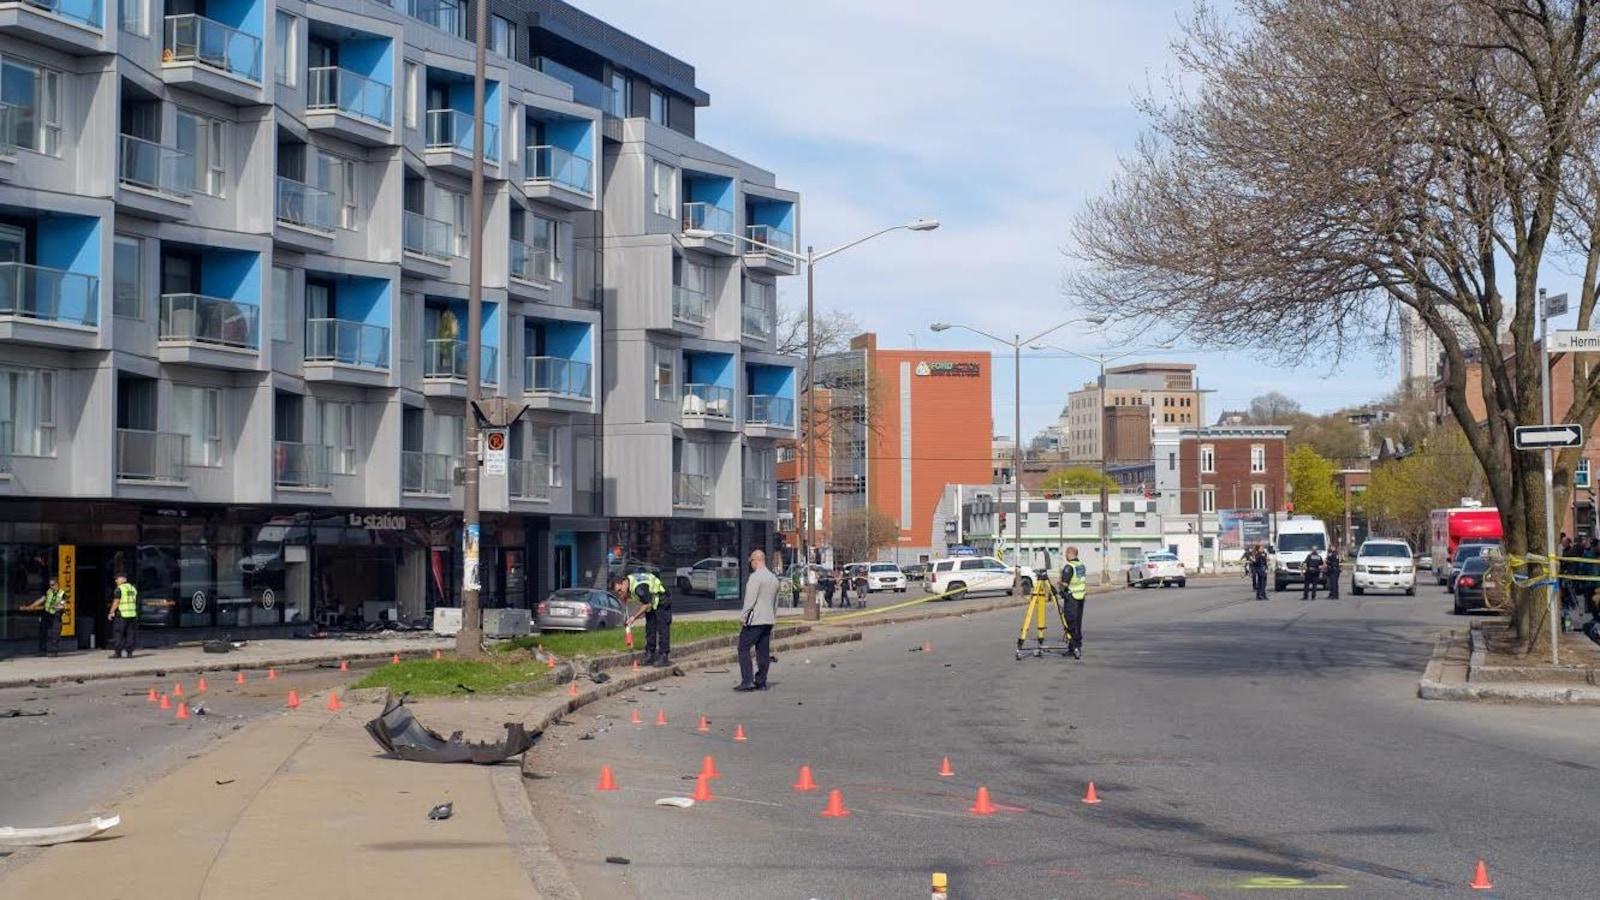 Les policiers reconstituaient toujours la scène hier, en fin d'après-midi. Tout indique que l'un des véhicules en cause roulait à vive allure.